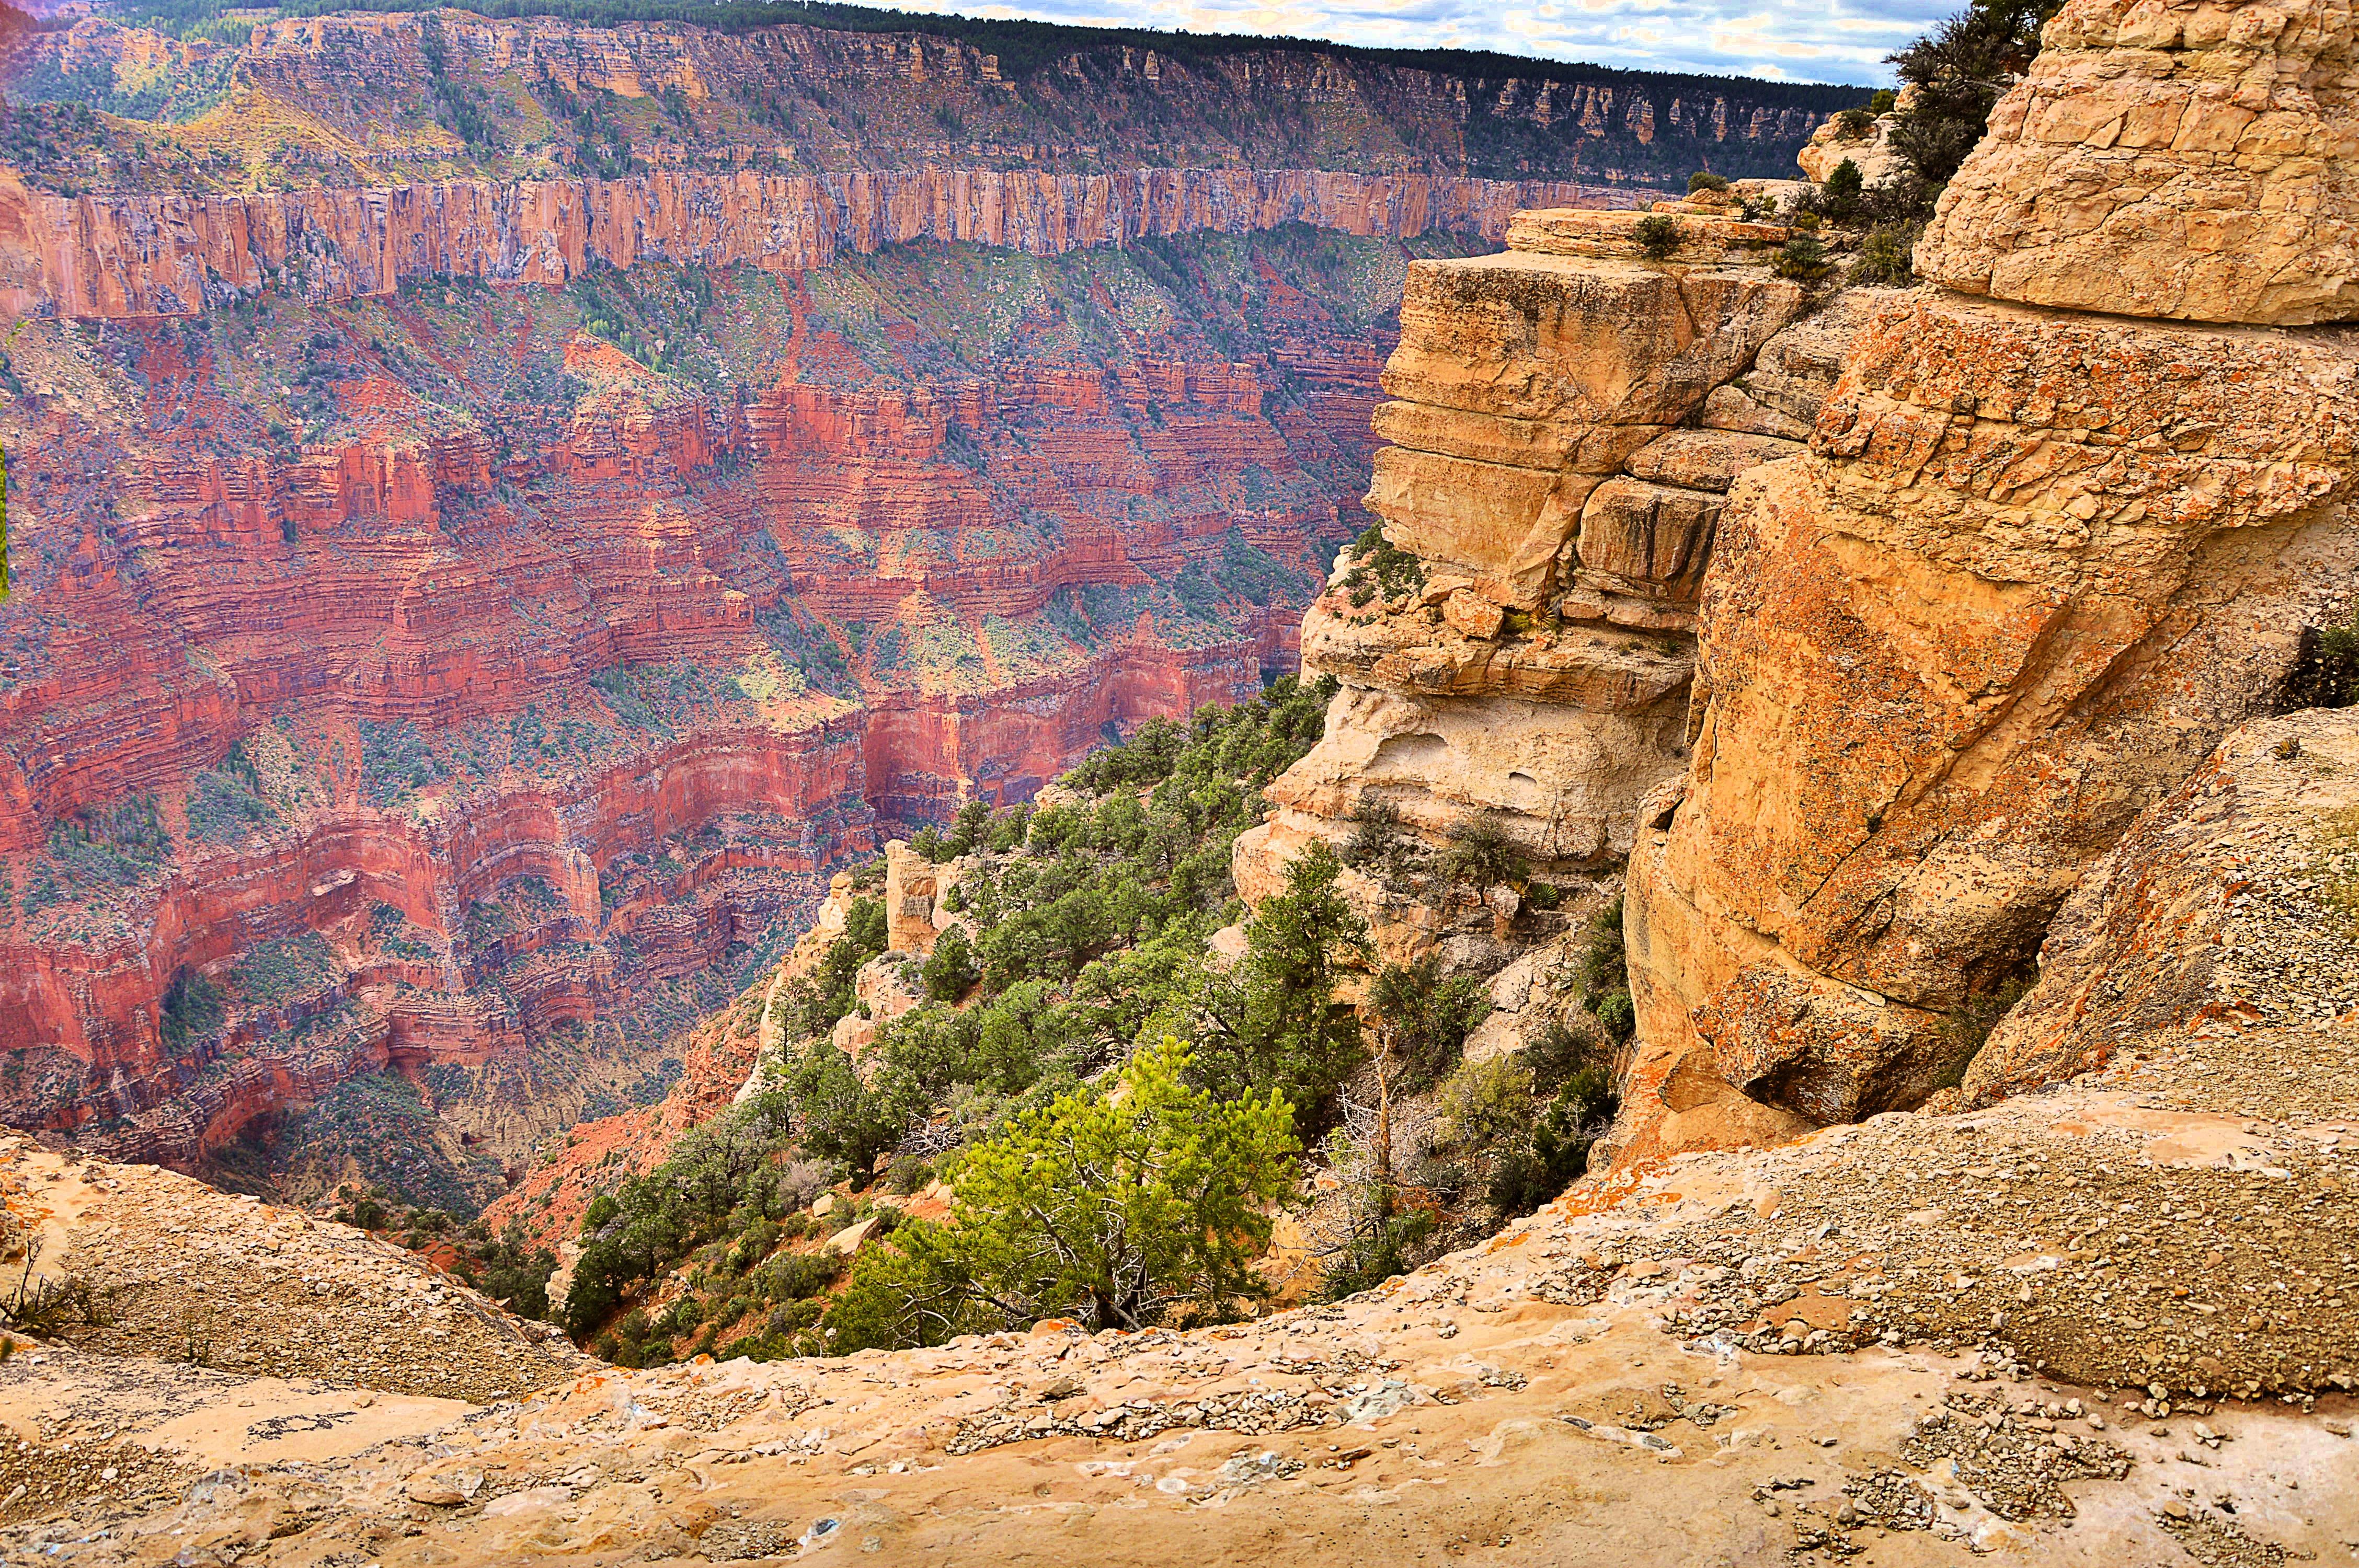 интересные достопримечательности гранд каньон в сша фото белой плитки